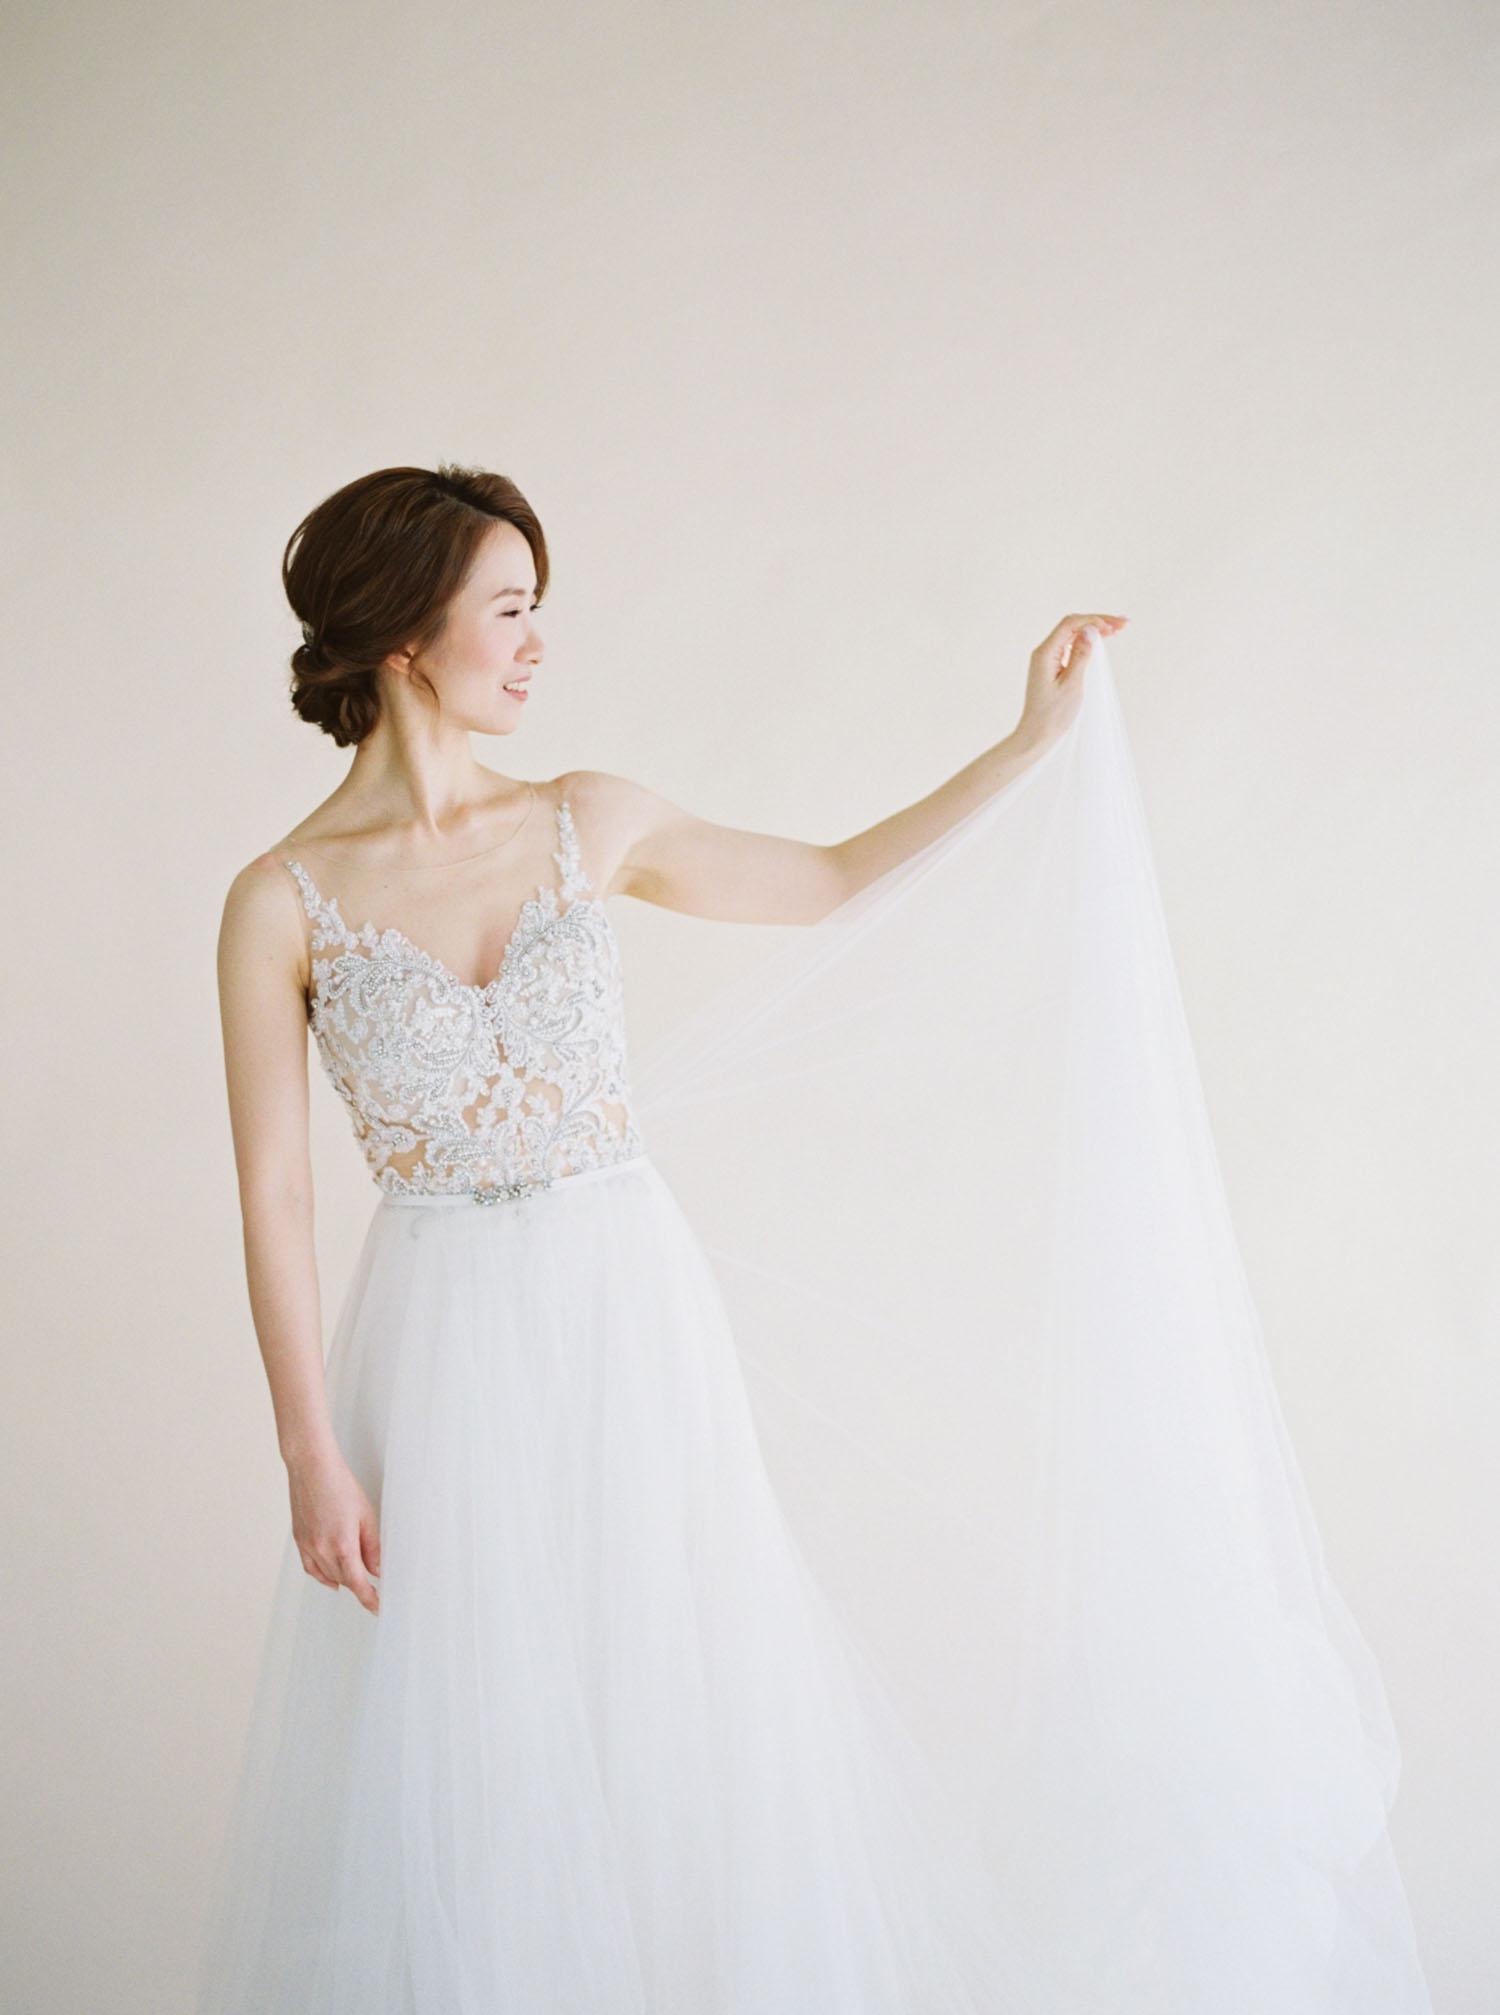 香山 婚紗-Fine-Art-音樂-小號-底片-婚紗